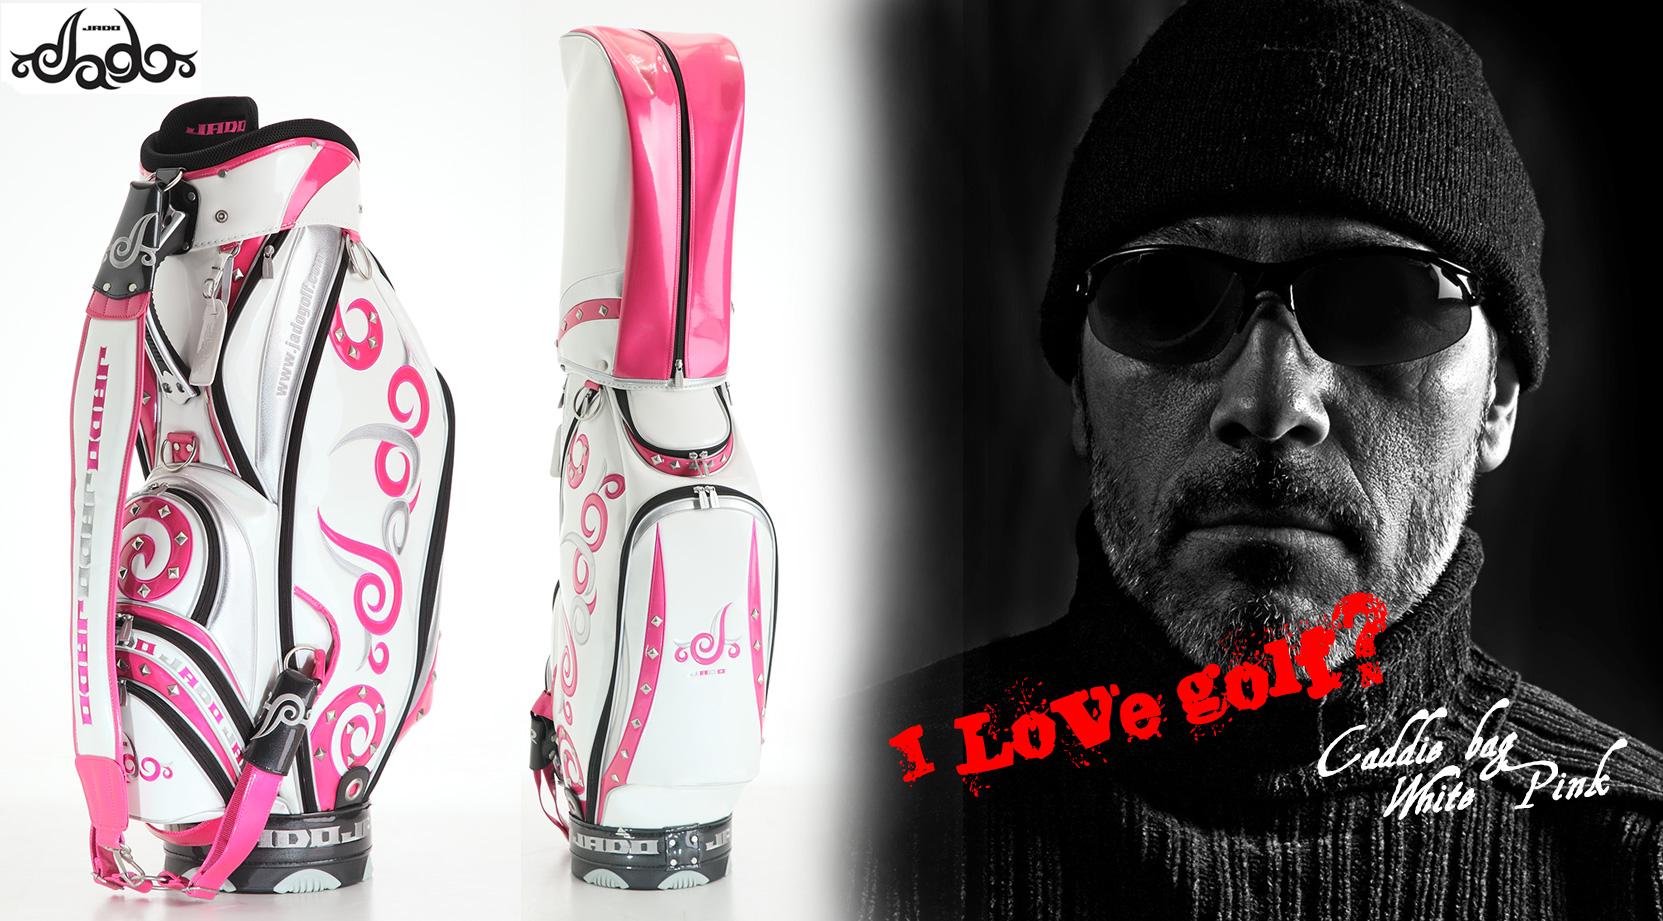 【Tatoo】ゴルフキャディバッグ ホワイト×ピンク